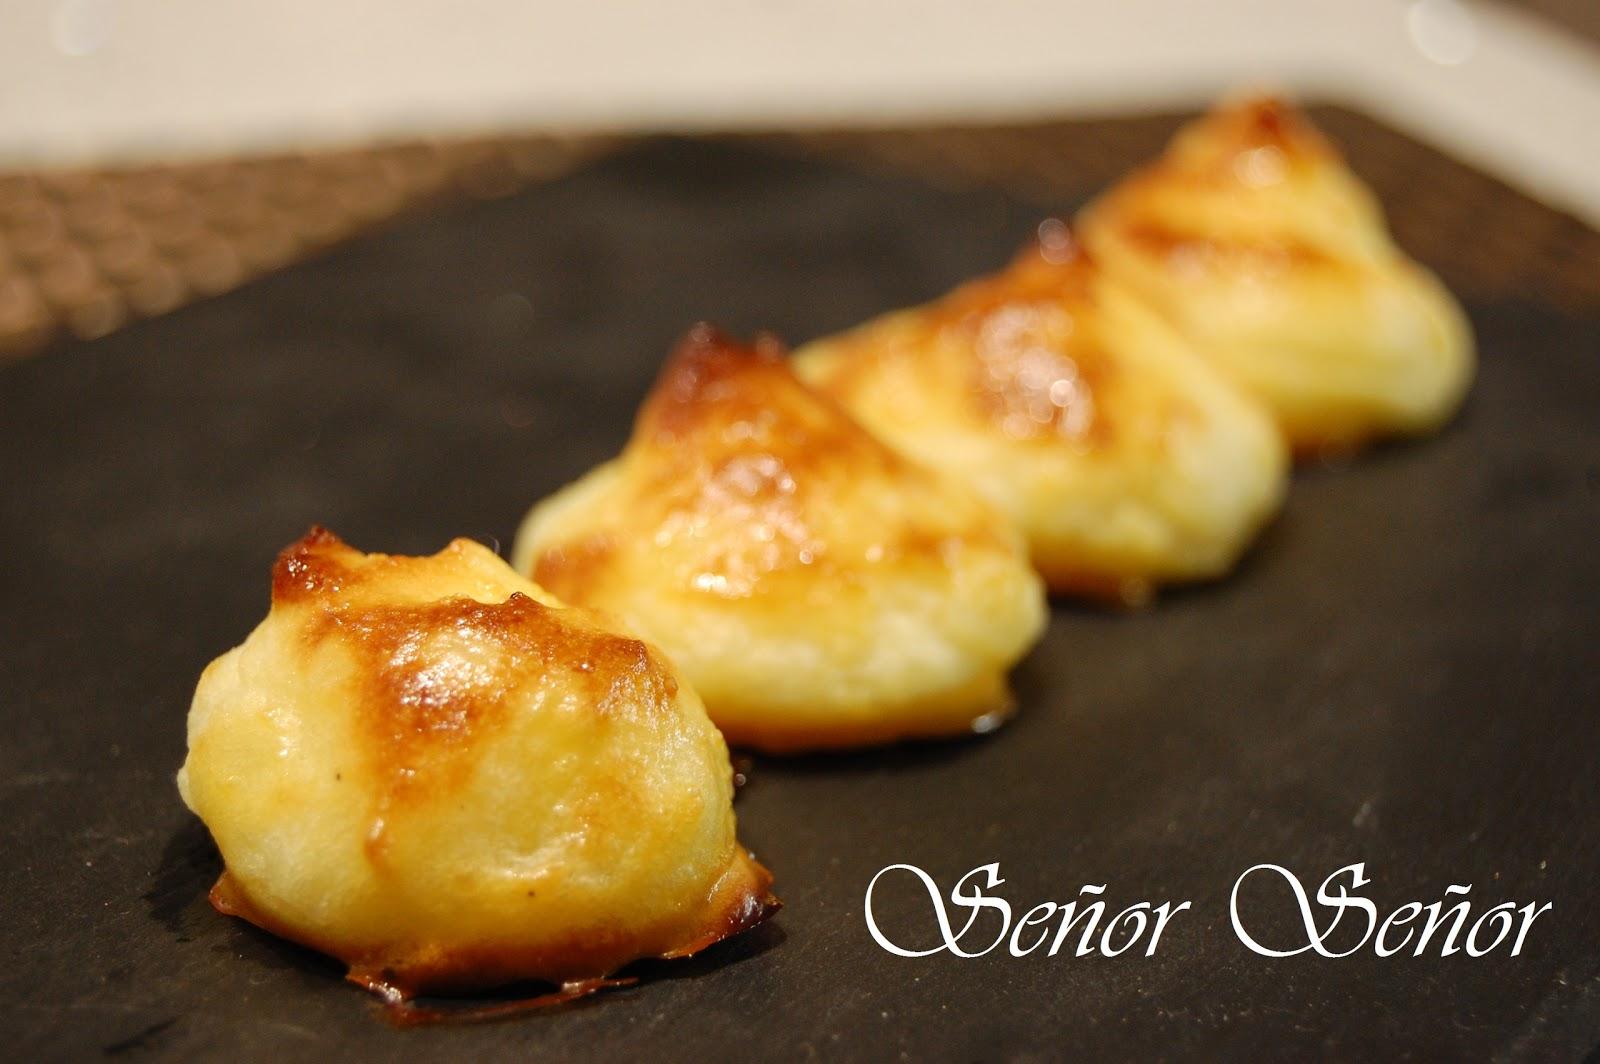 Patatas duquesas receta de sergio - Cuanto tarda en cocer una patata ...